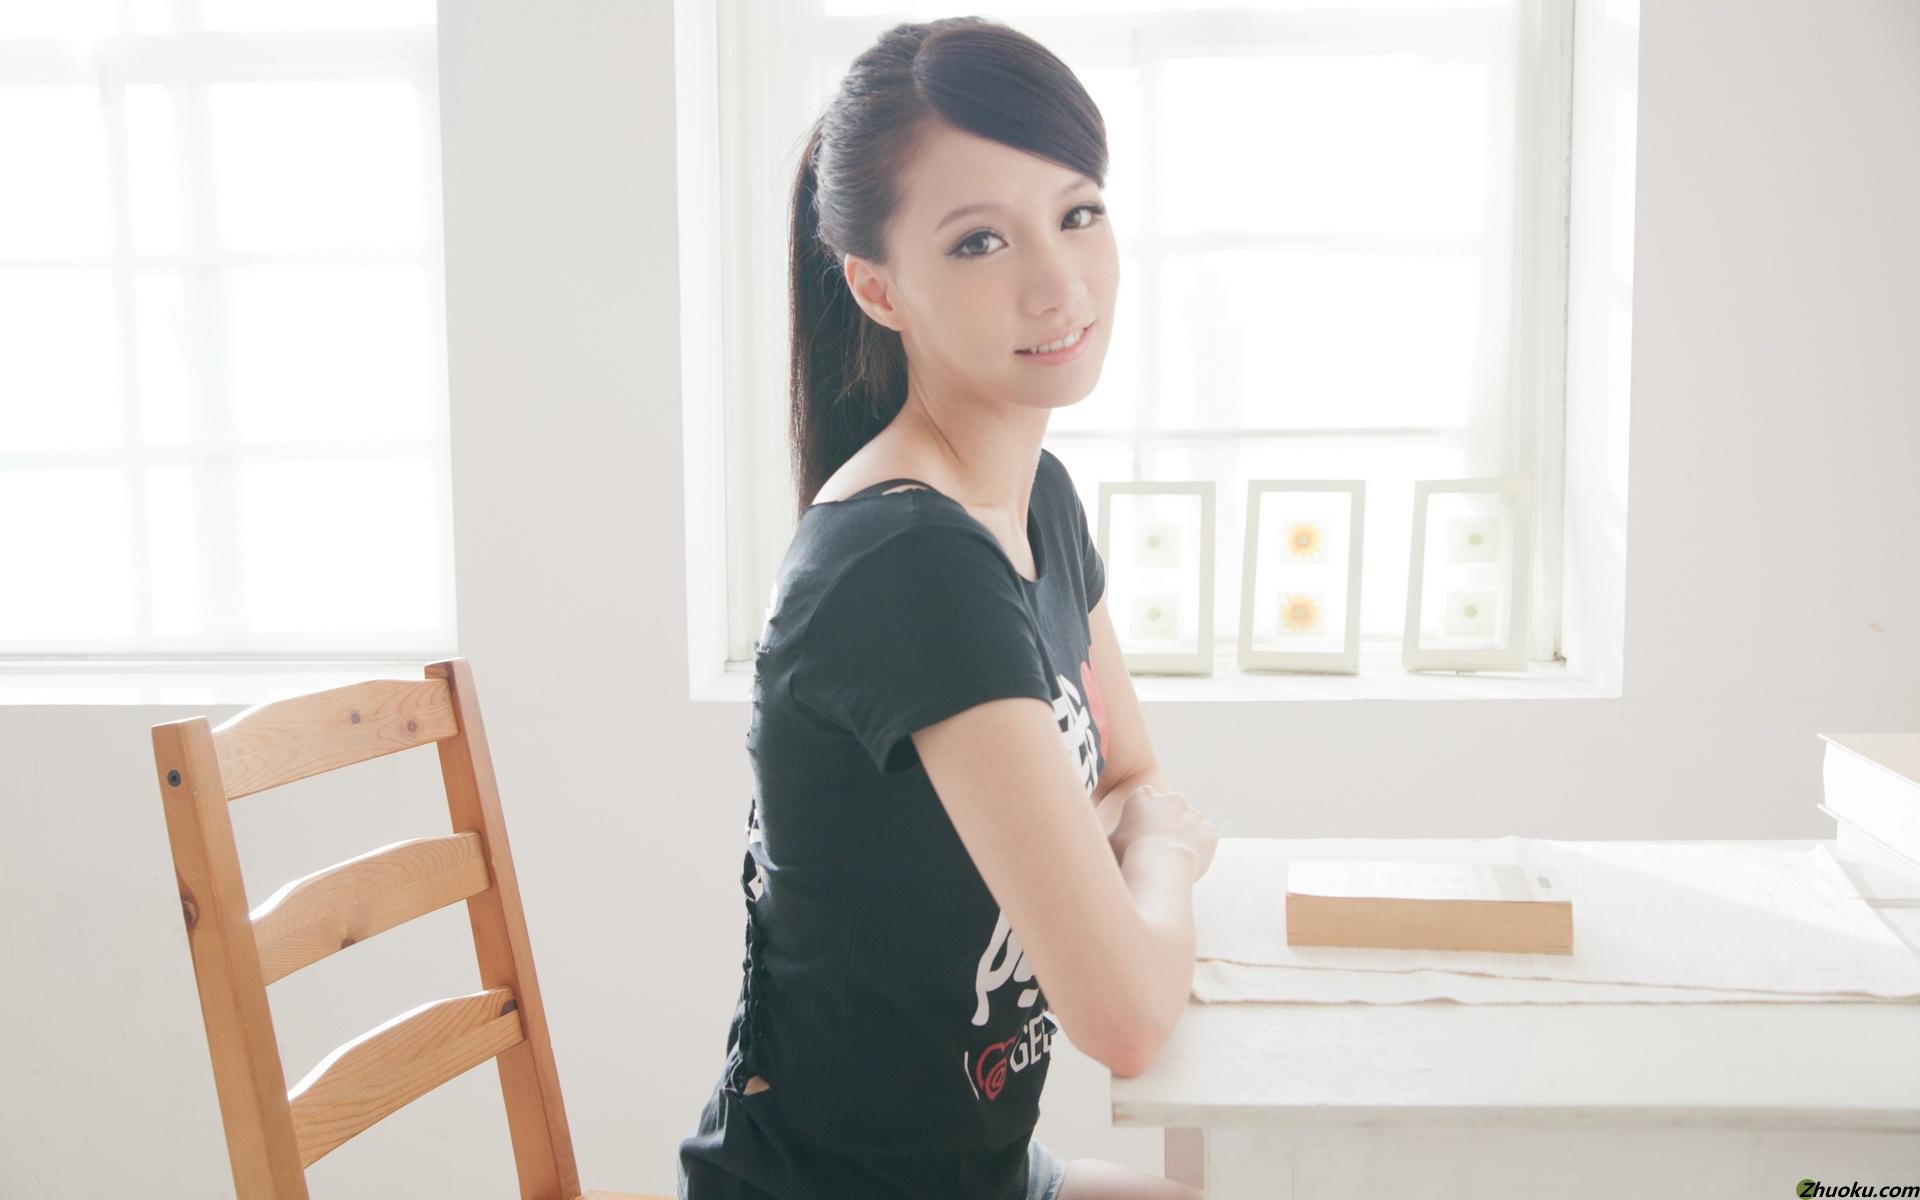 林采缇-女帝蛇姬(壁纸28)